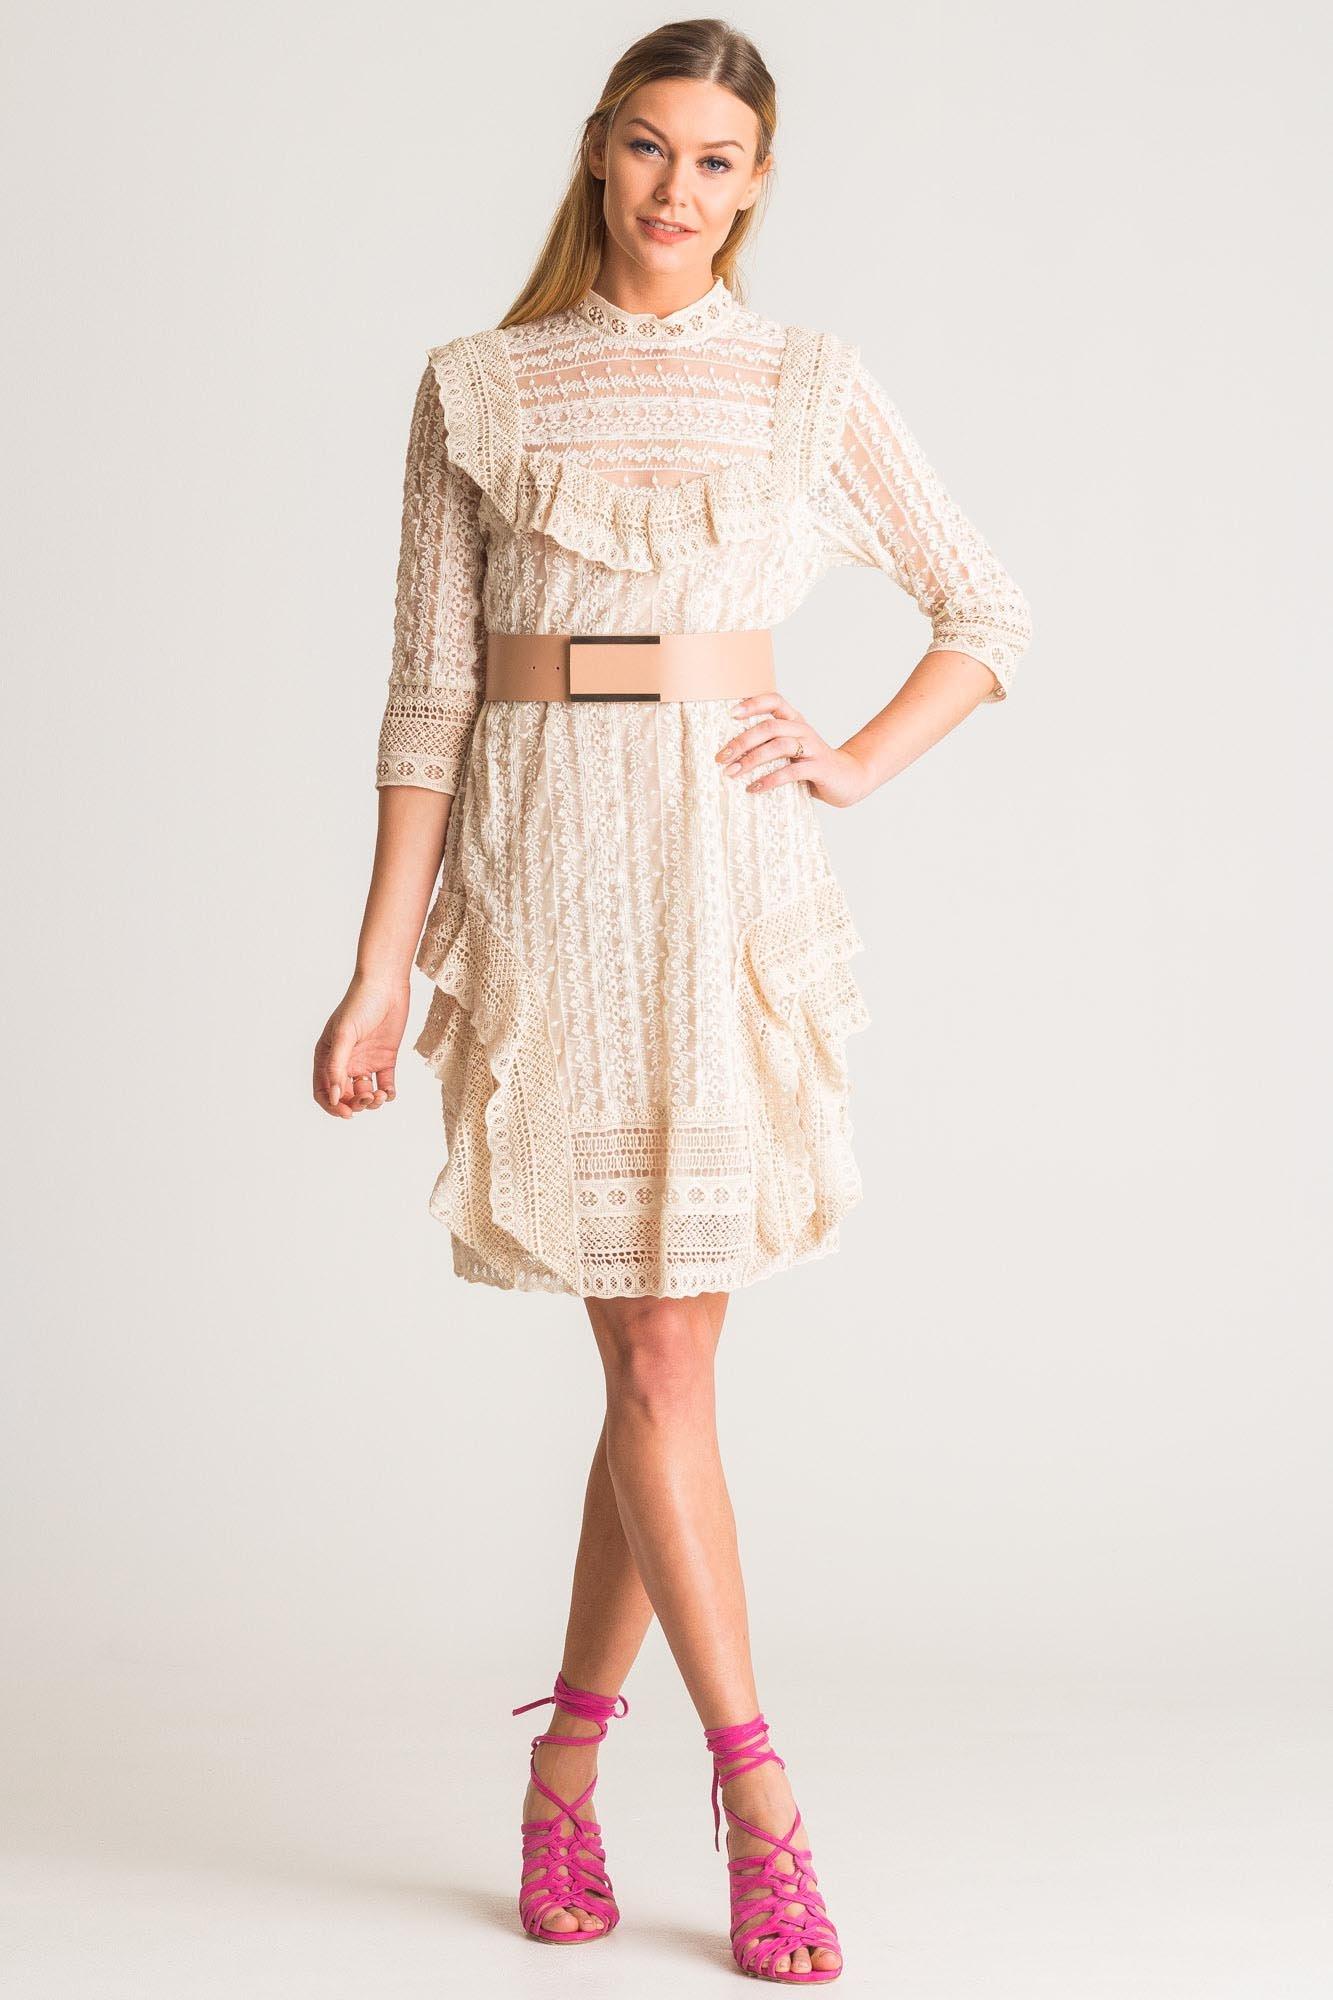 Znane Beżowa sukienka Twinset z koronki | Markowa odzież w sklepie Velpa.pl @KP-51